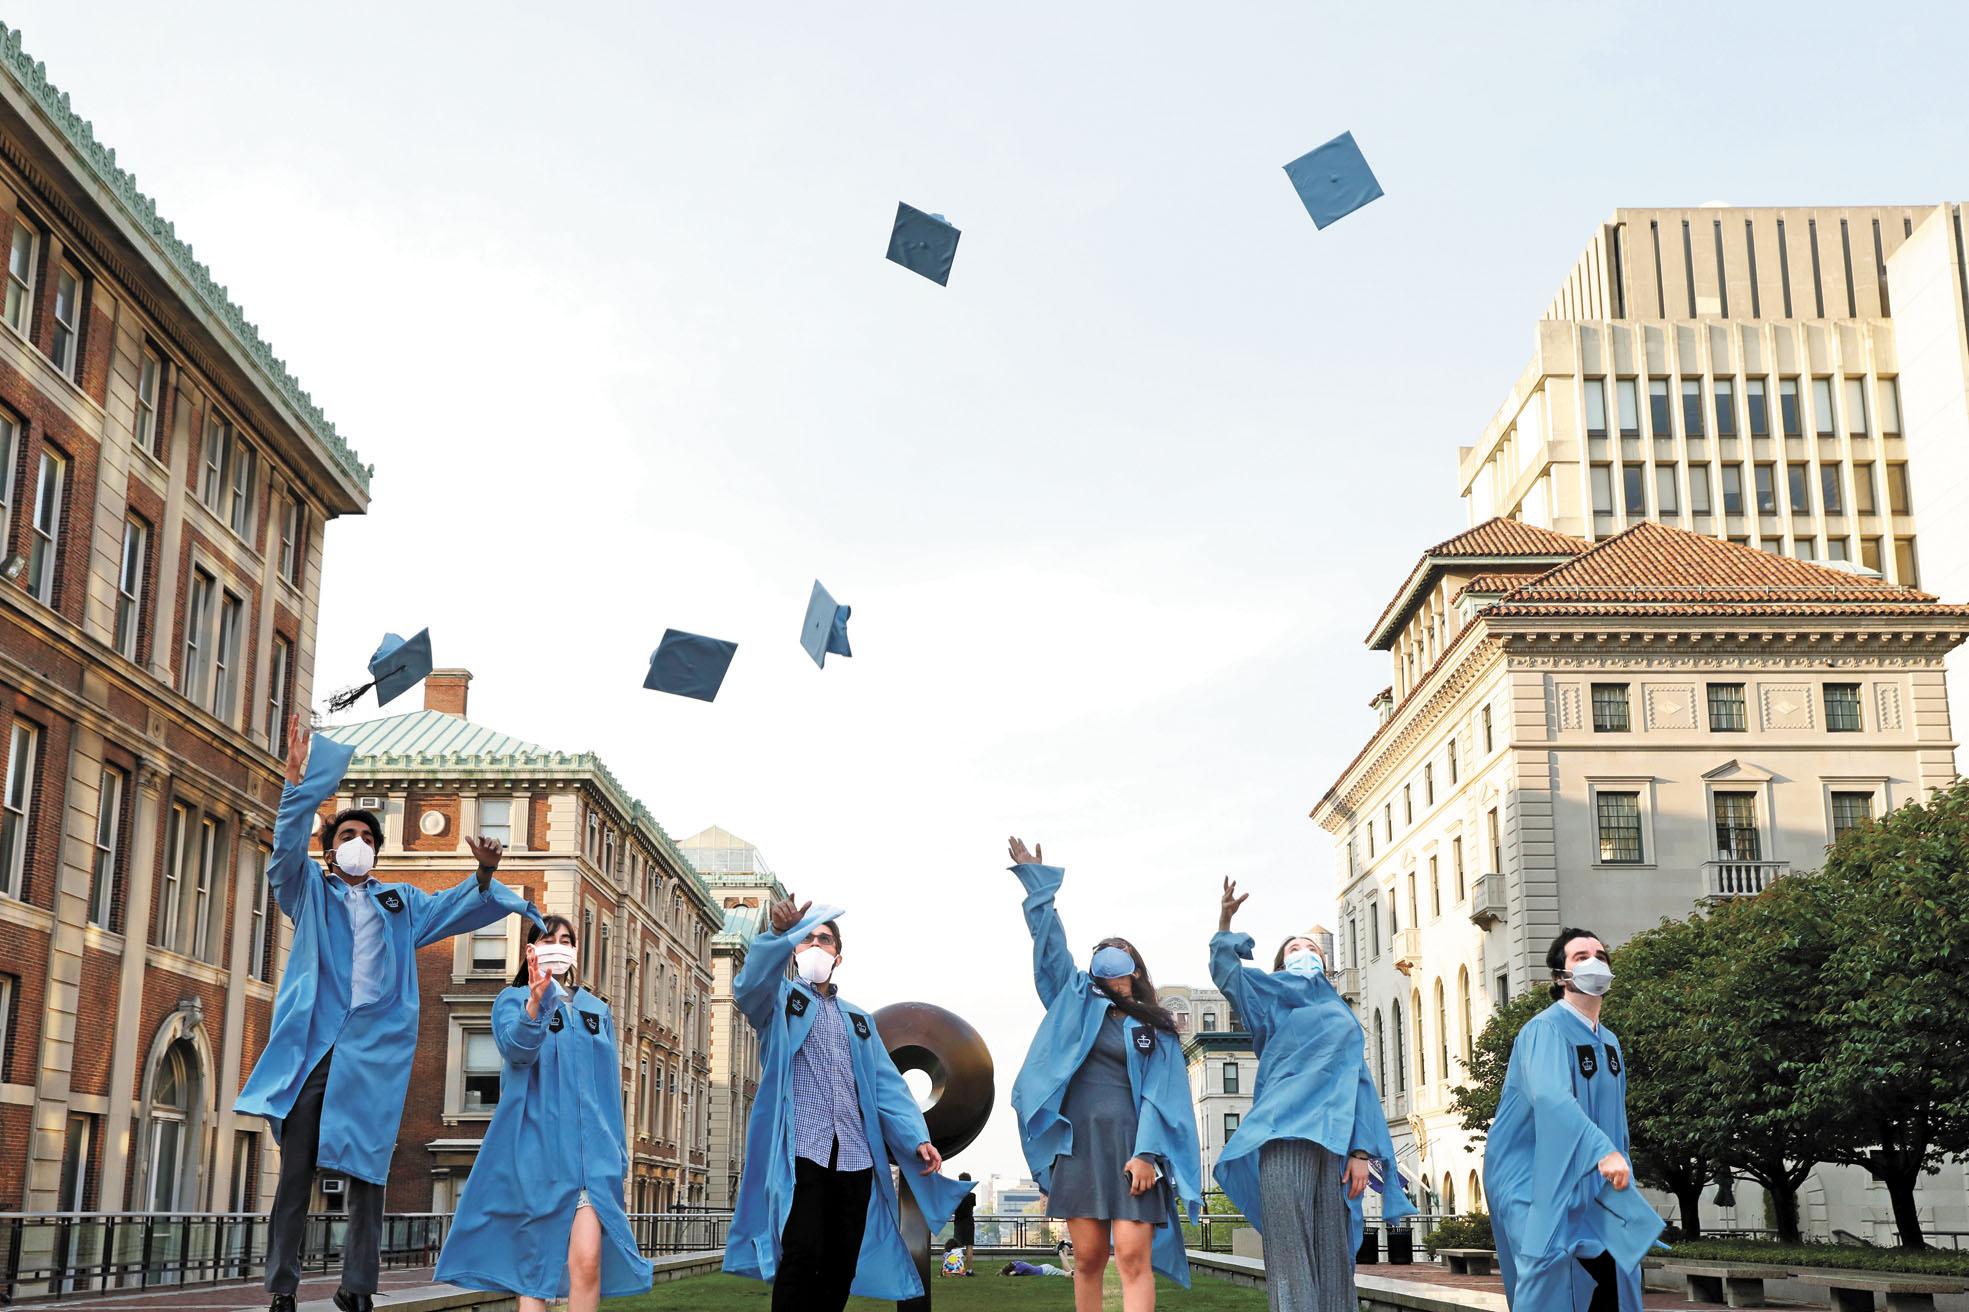 哥倫比亞大學建築學院碩士生,在五月中拋帽慶祝畢業。 路透社